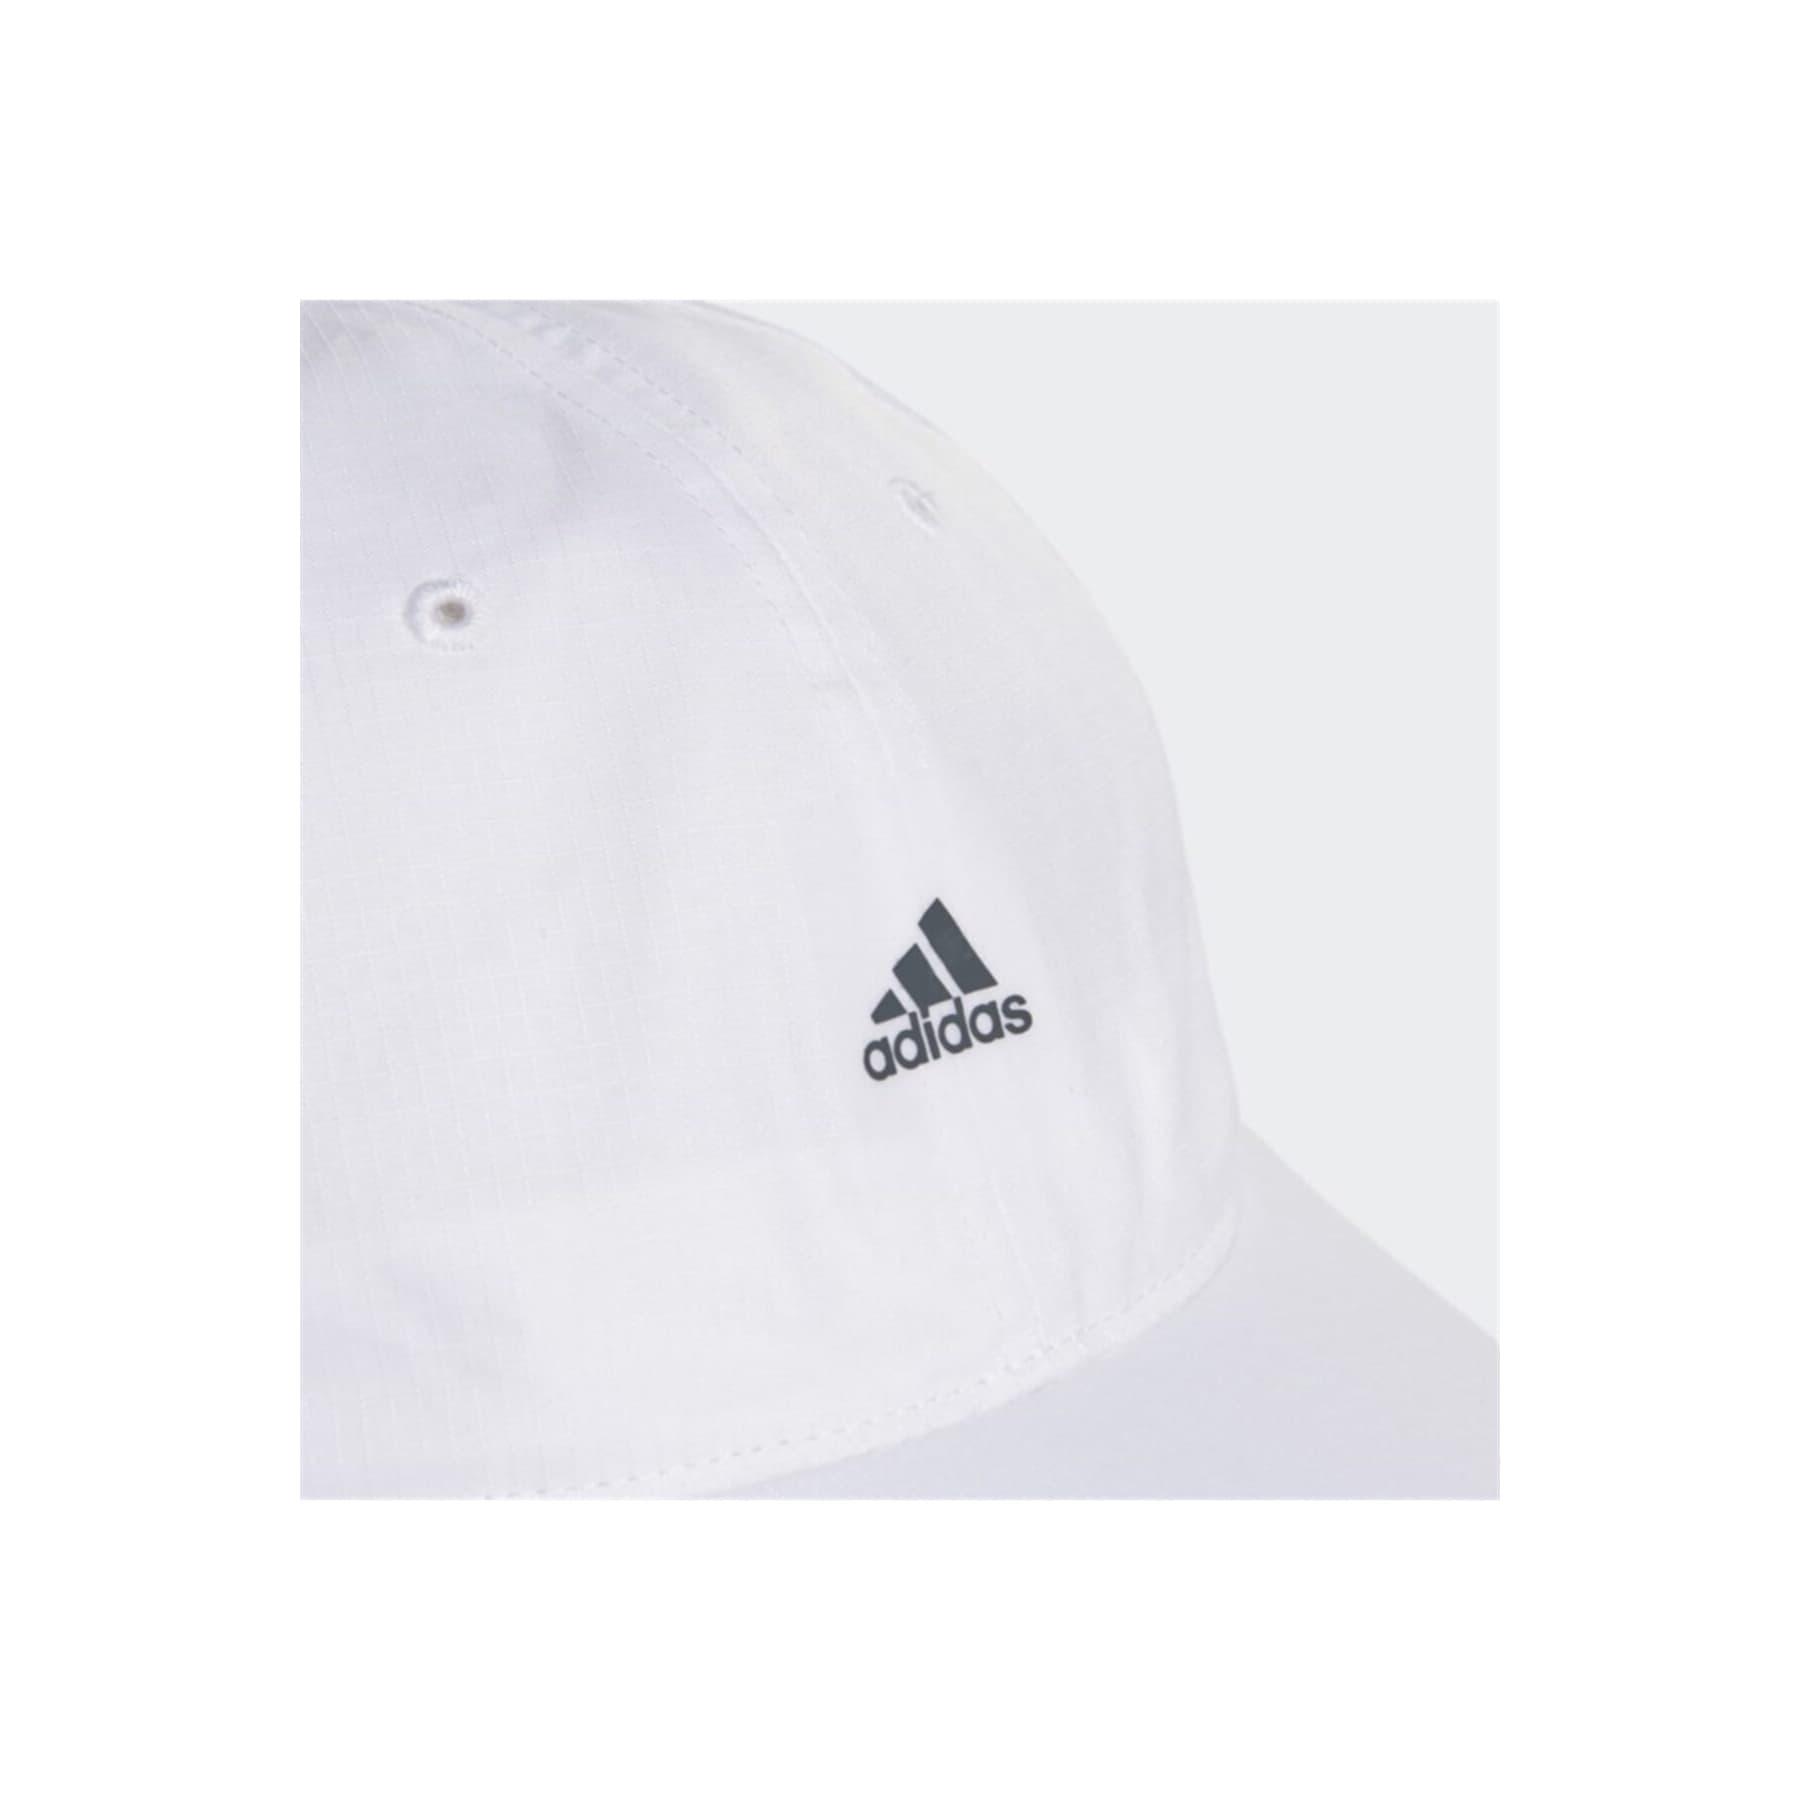 Essentials Logo Lightweight Beyaz Şapka (GN2003)